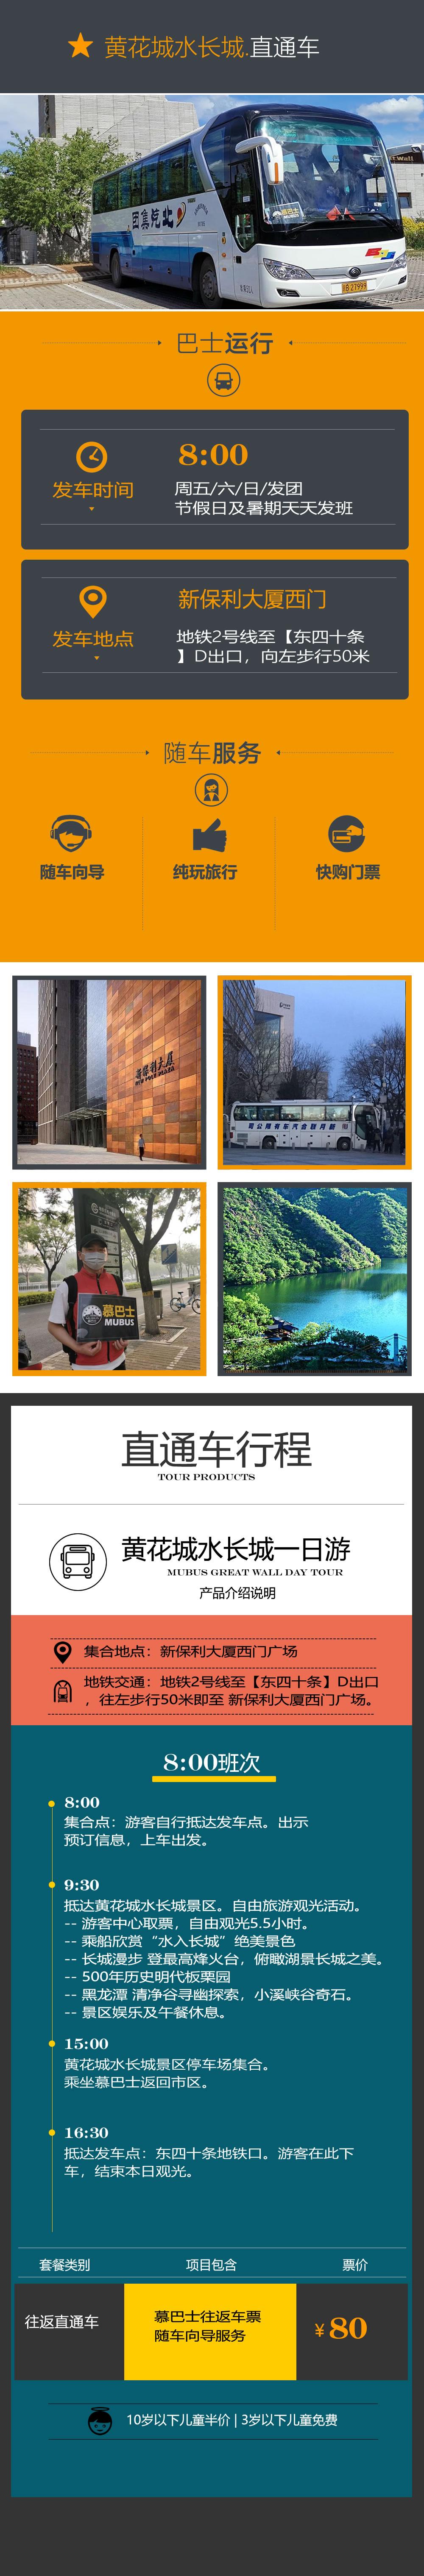 黄花城水长城3